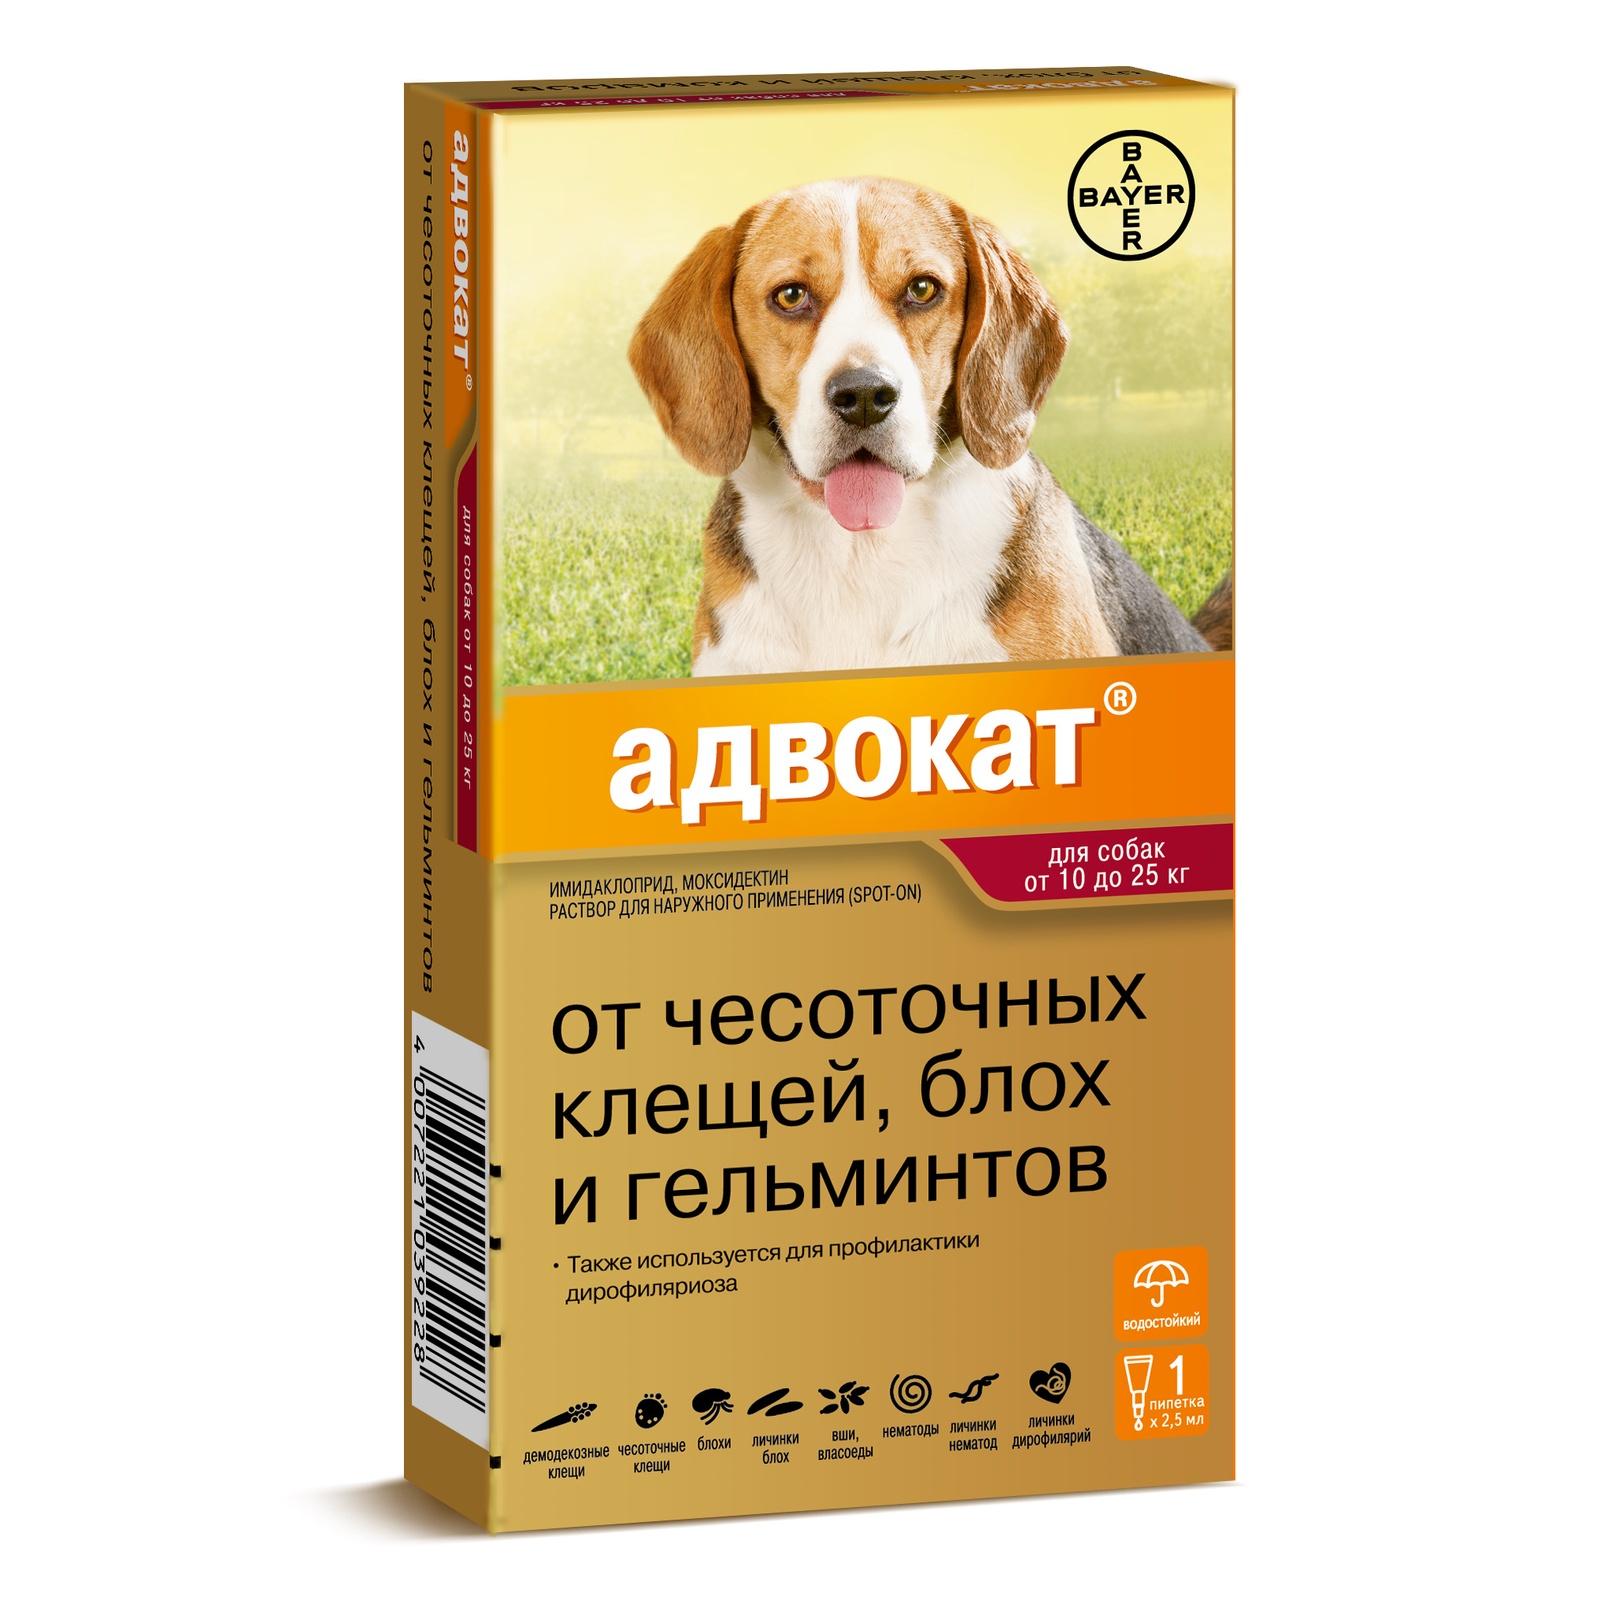 Bayer Golden Line Адвокат 250 для щенков и собак от клещей,блох,глистов (массой от 10кг до 25 кг) (3 пипетки)